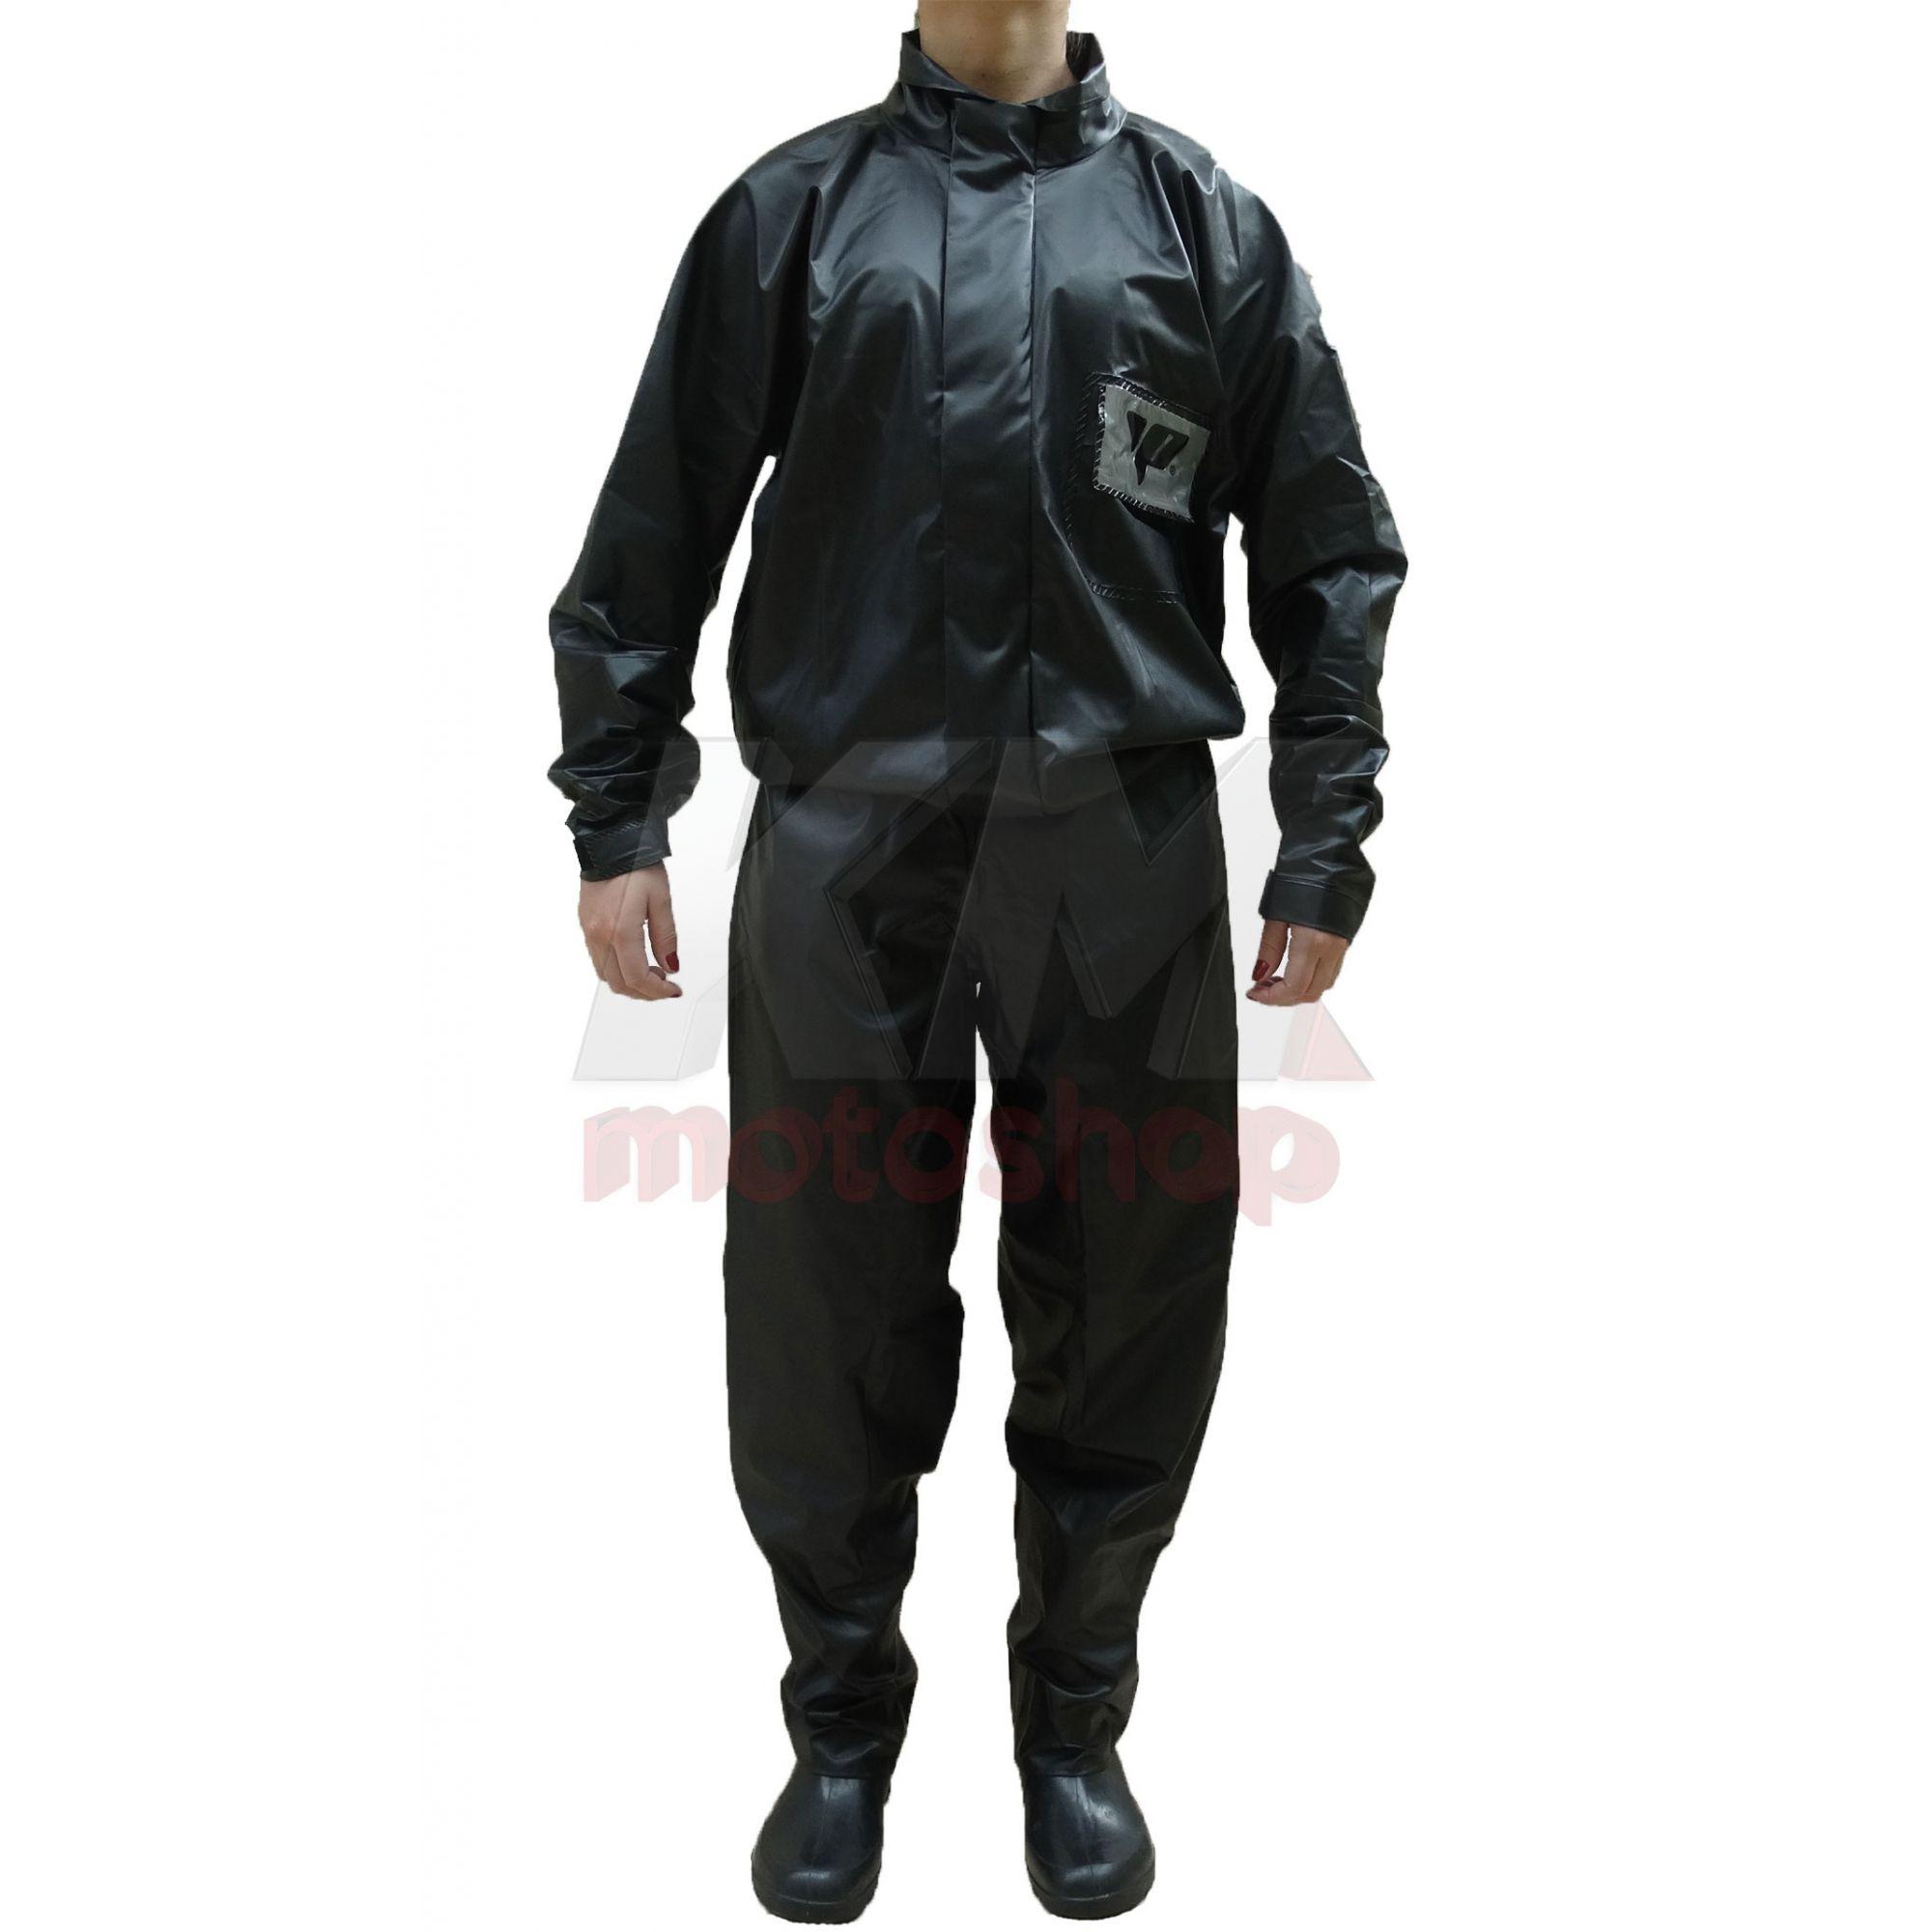 effbfd3e7f7 Capa De Chuva Para Motoqueiro Blusa E Calça Pvc Impermeavel Pantaneiro